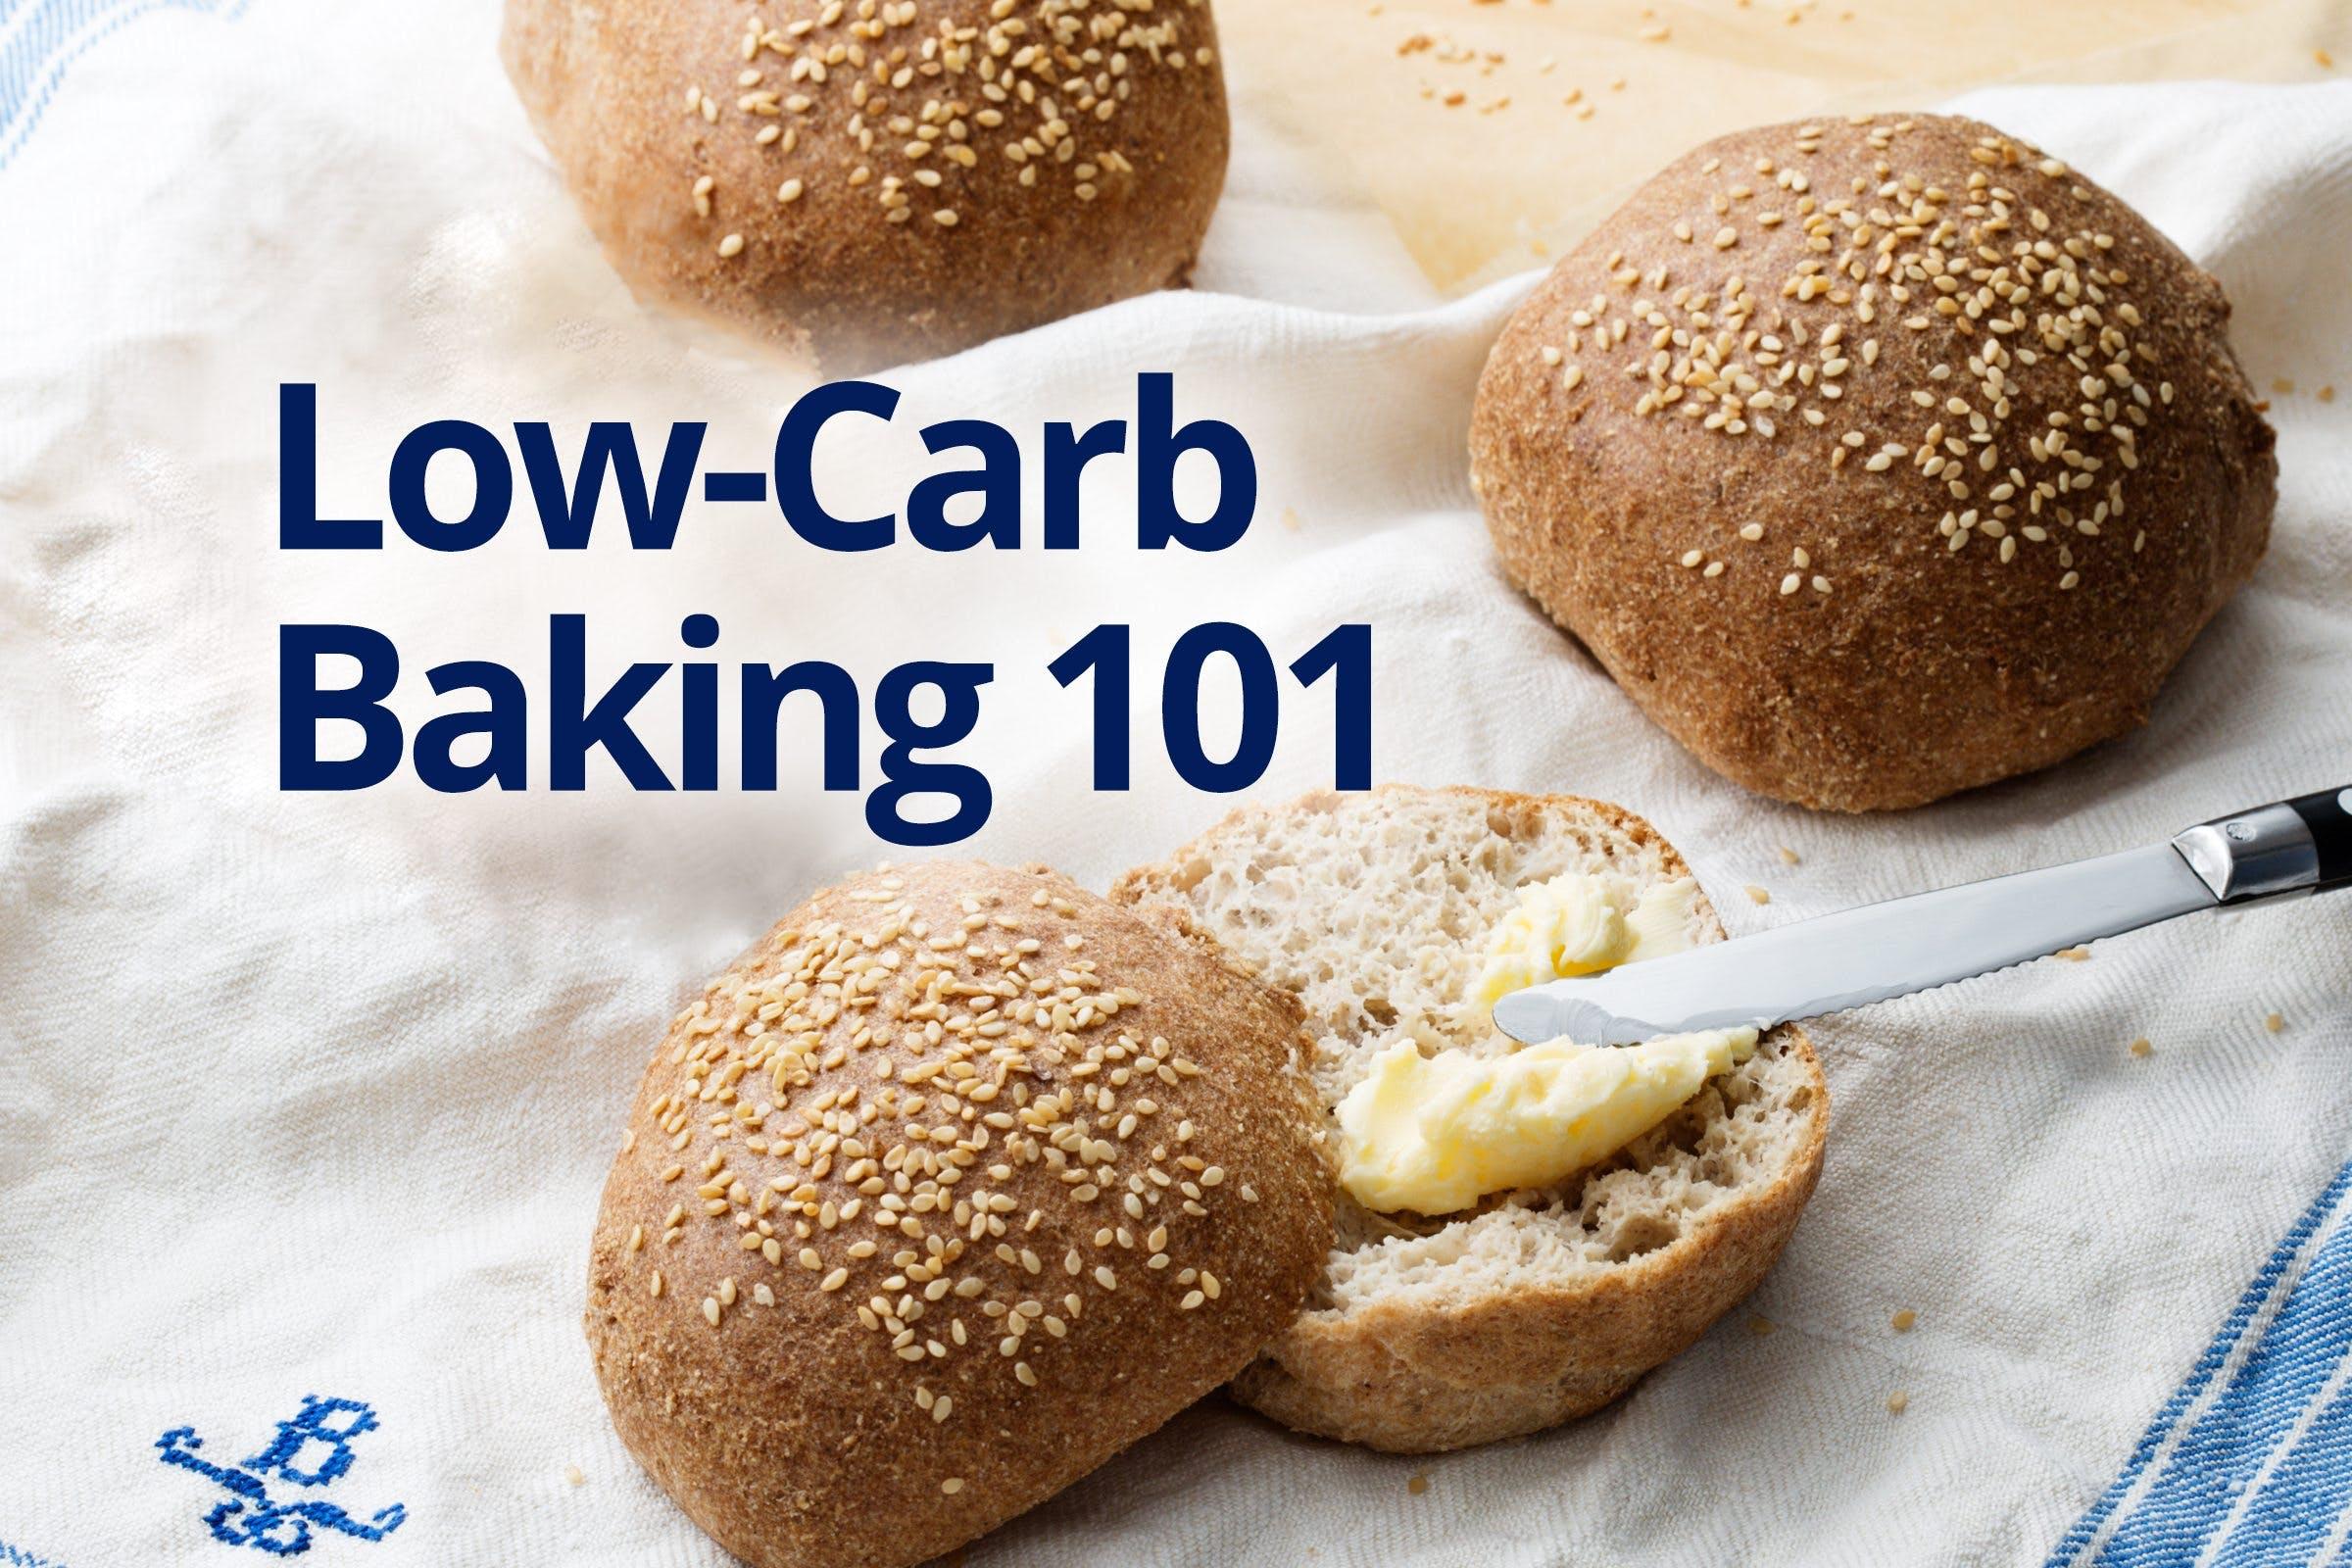 Low-carb baking